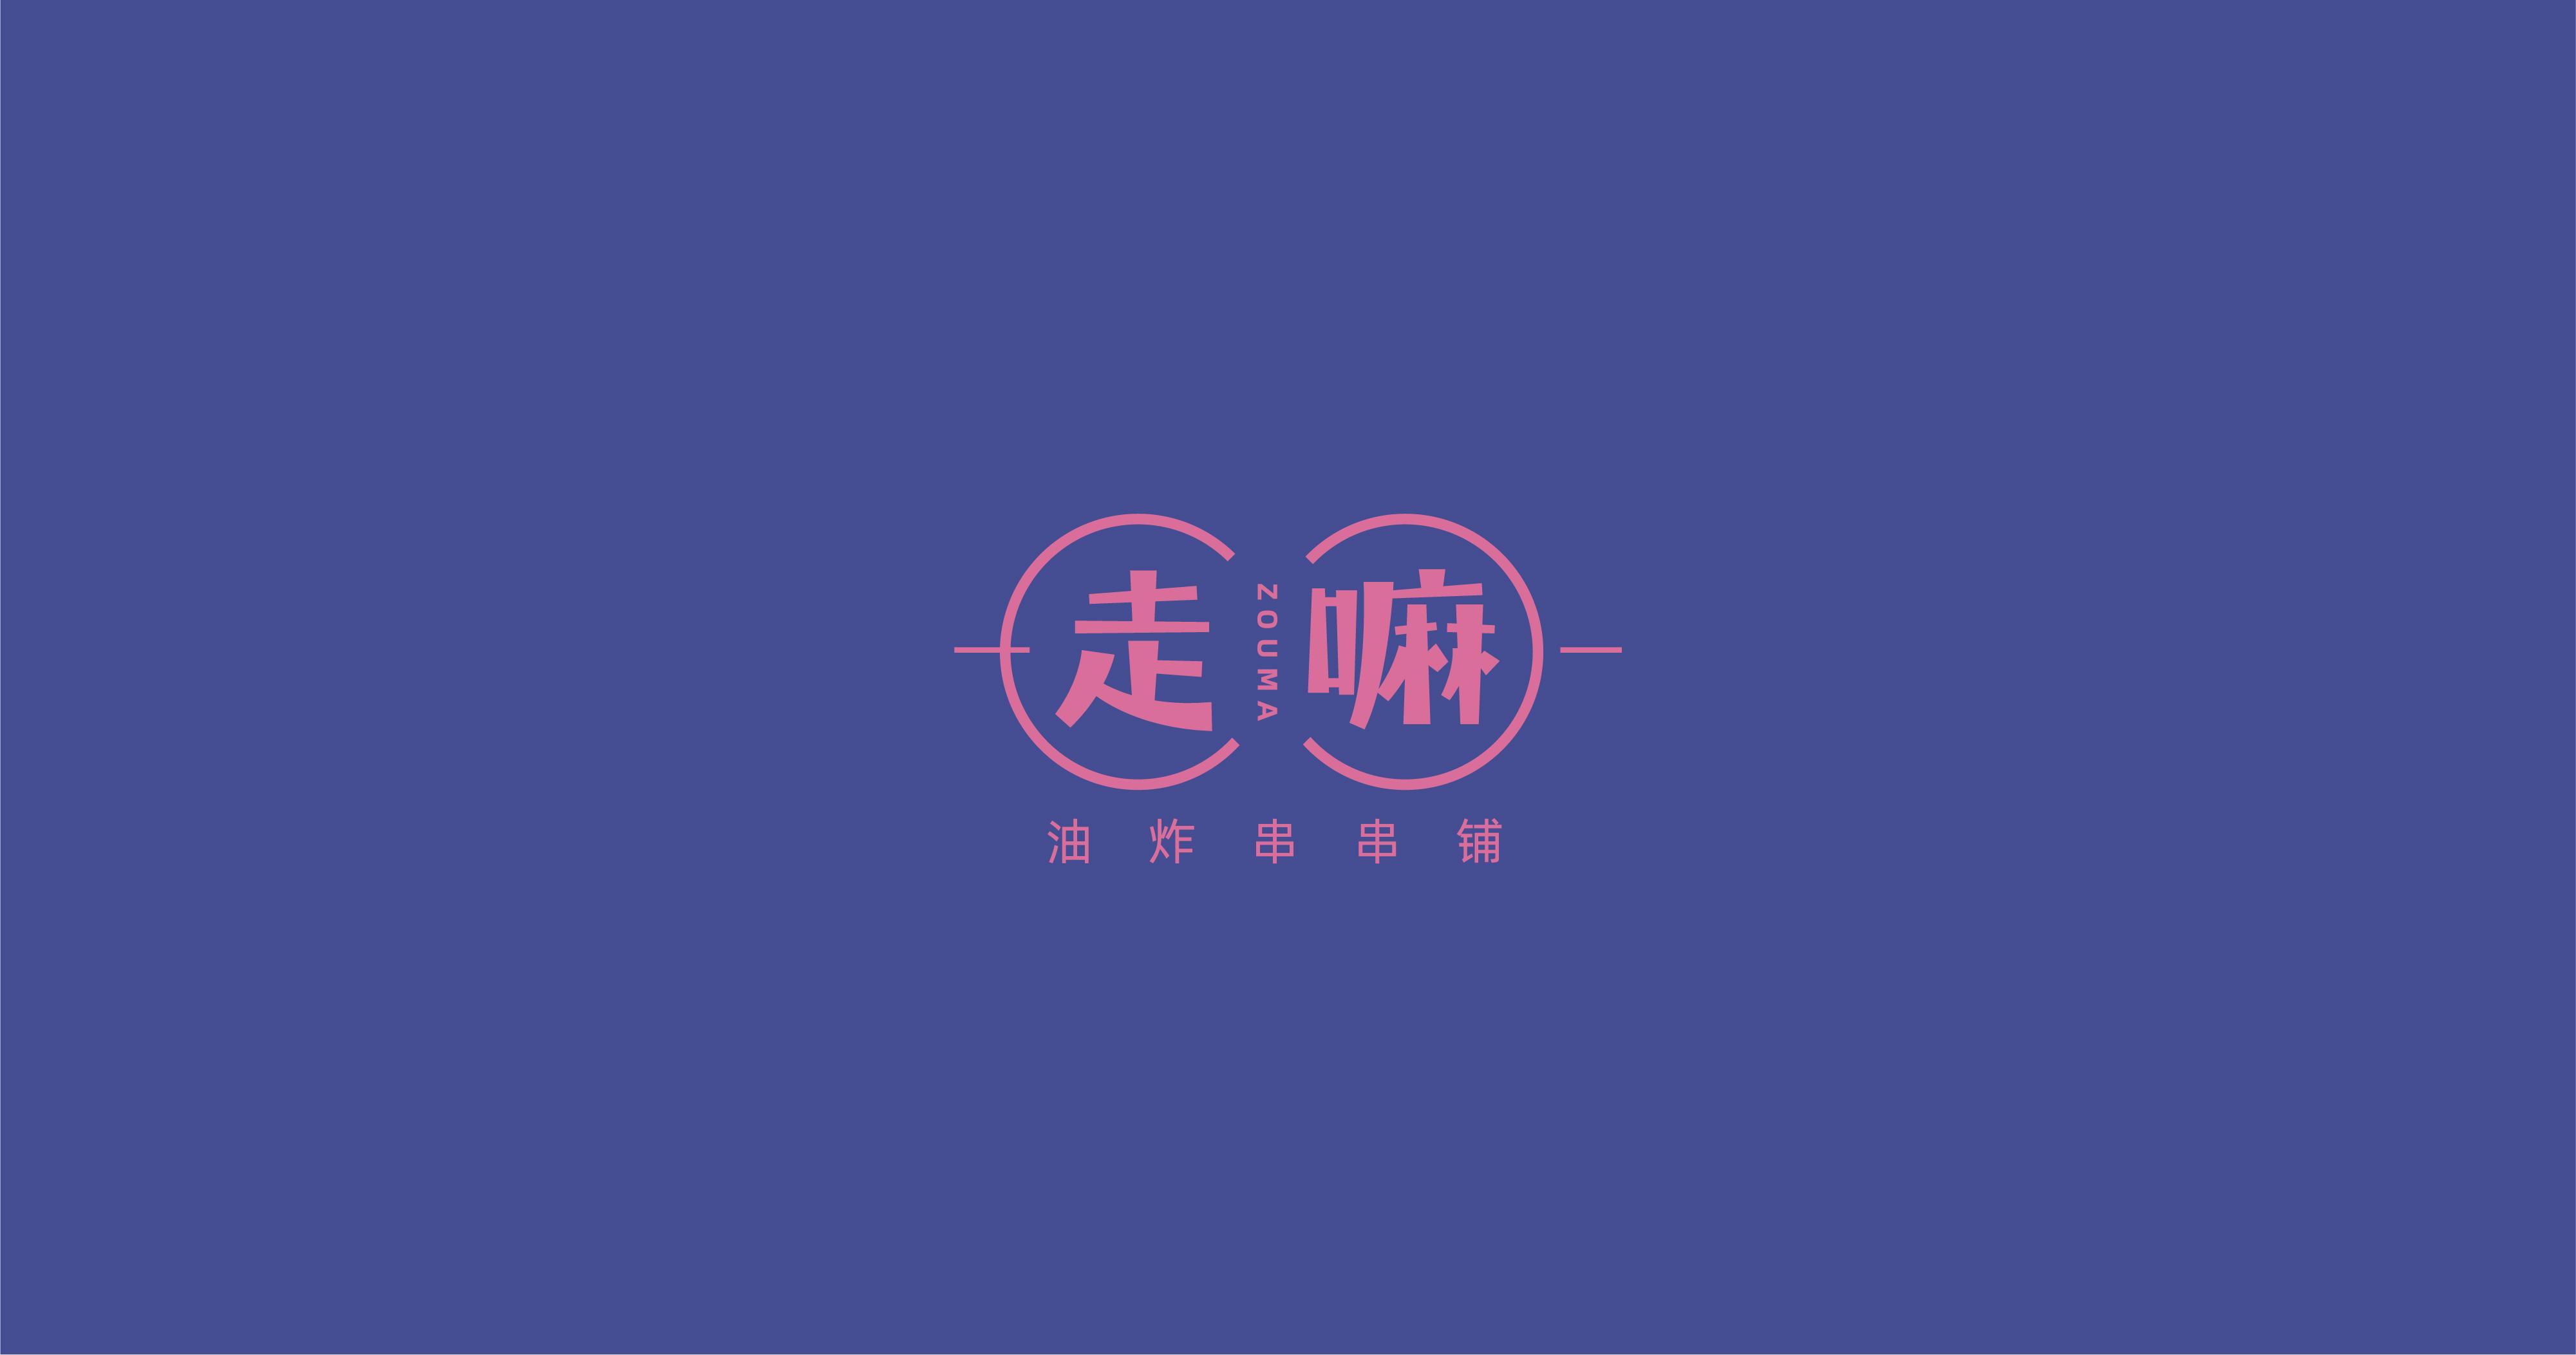 「 标志 」 0 3